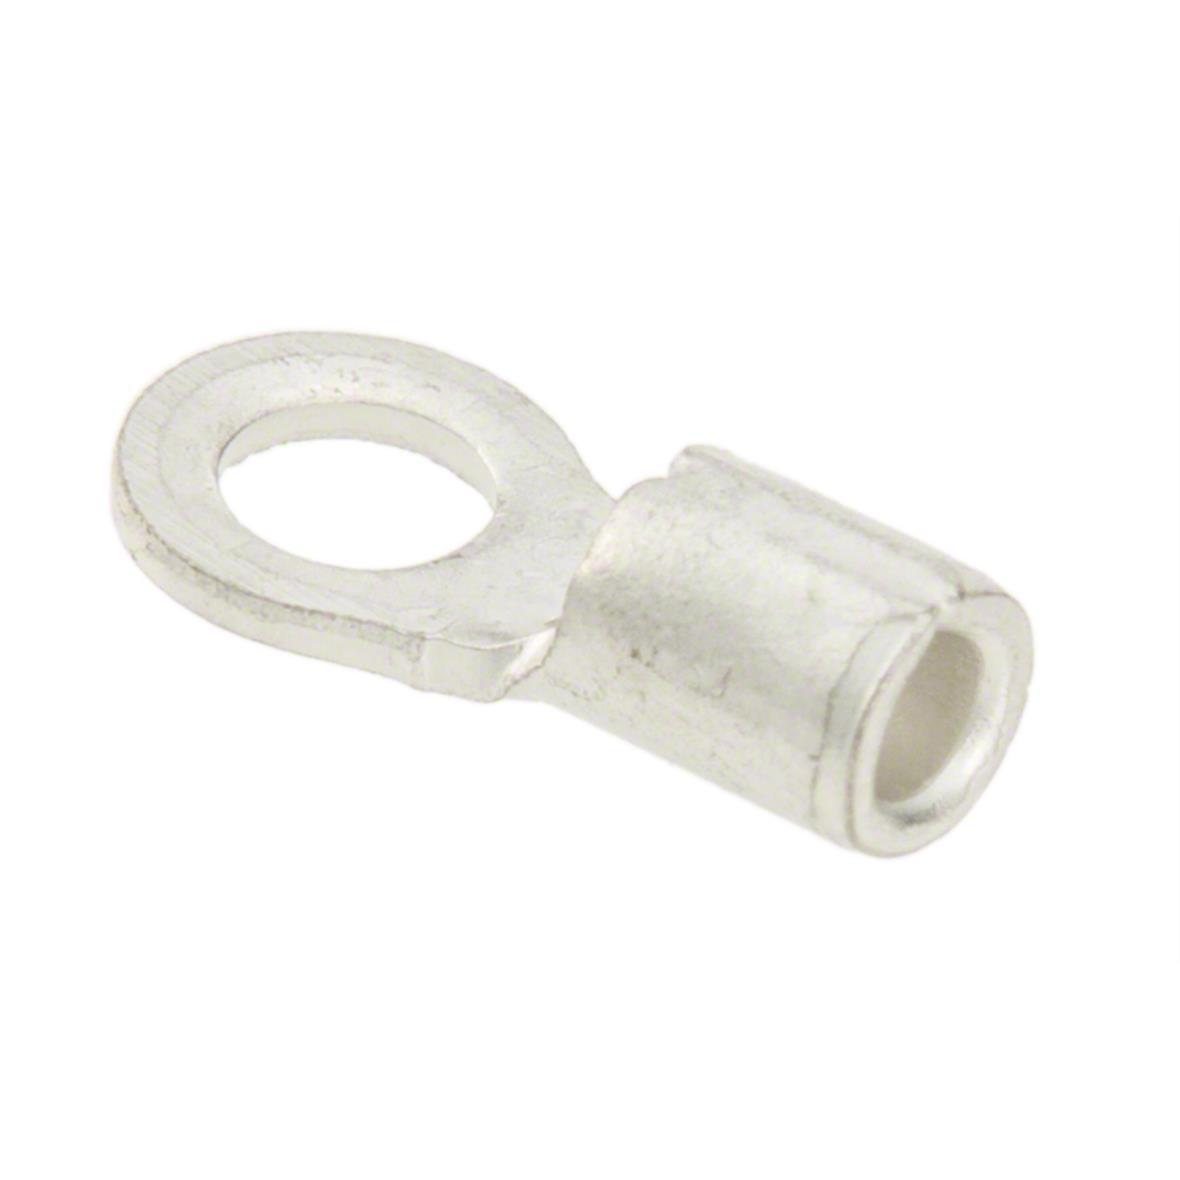 Produktbild für 'Kabelöse für 0,25-1,5mm² Kabel klein'